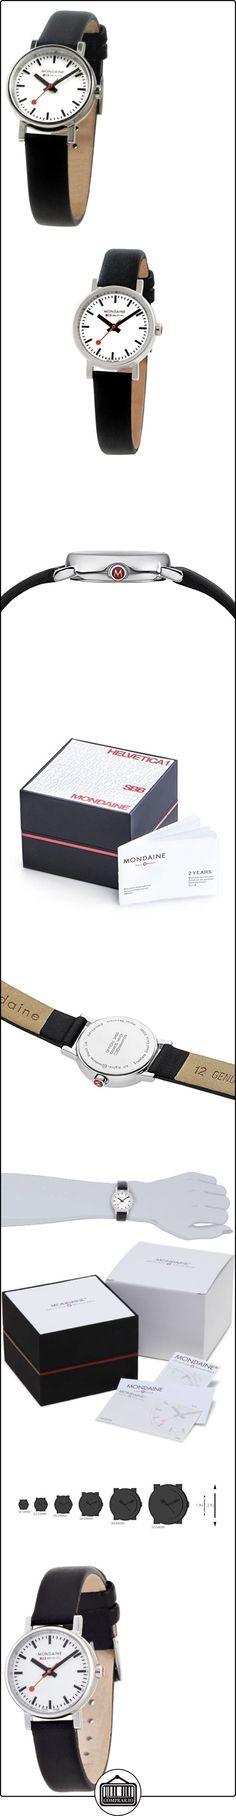 Mondaine SBB Evo 26mm A658.30301.11SBB Reloj de pulsera Cuarzo Mujer correa de Cuero Negro  ✿ Relojes para mujer - (Gama media/alta) ✿